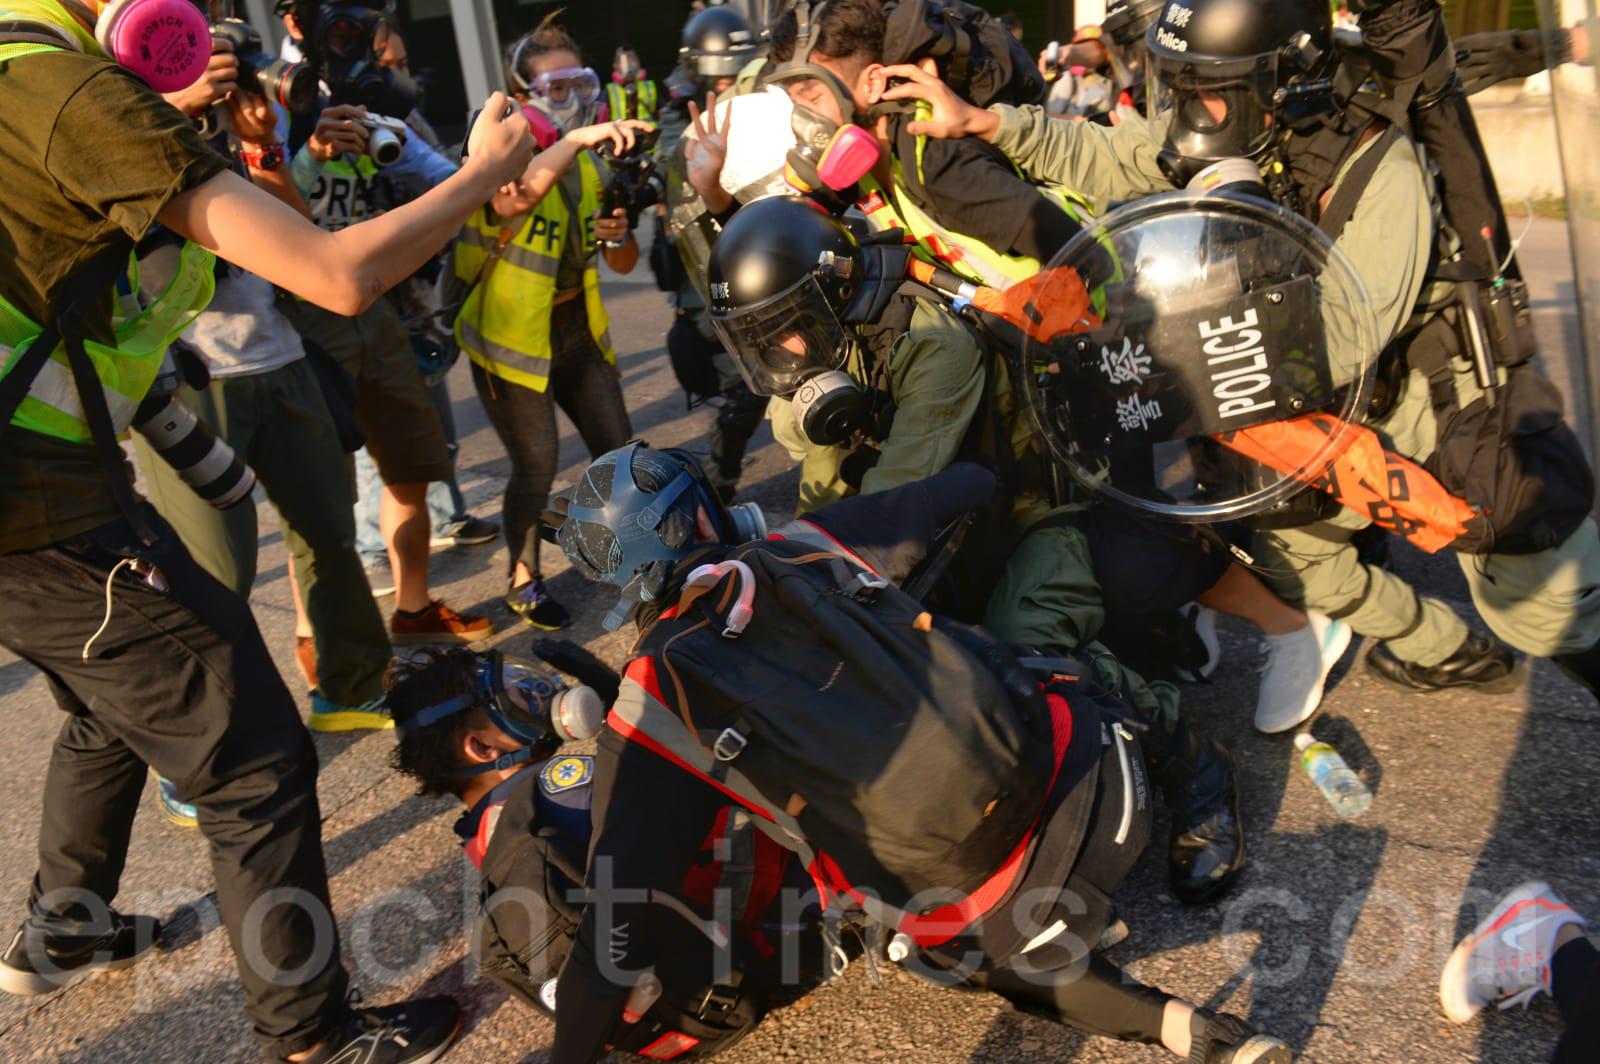 21日「光復屯門公園」遊行中,警察推進時衝撞醫護人員,之後對其搜身。(宋碧龍/大紀元)